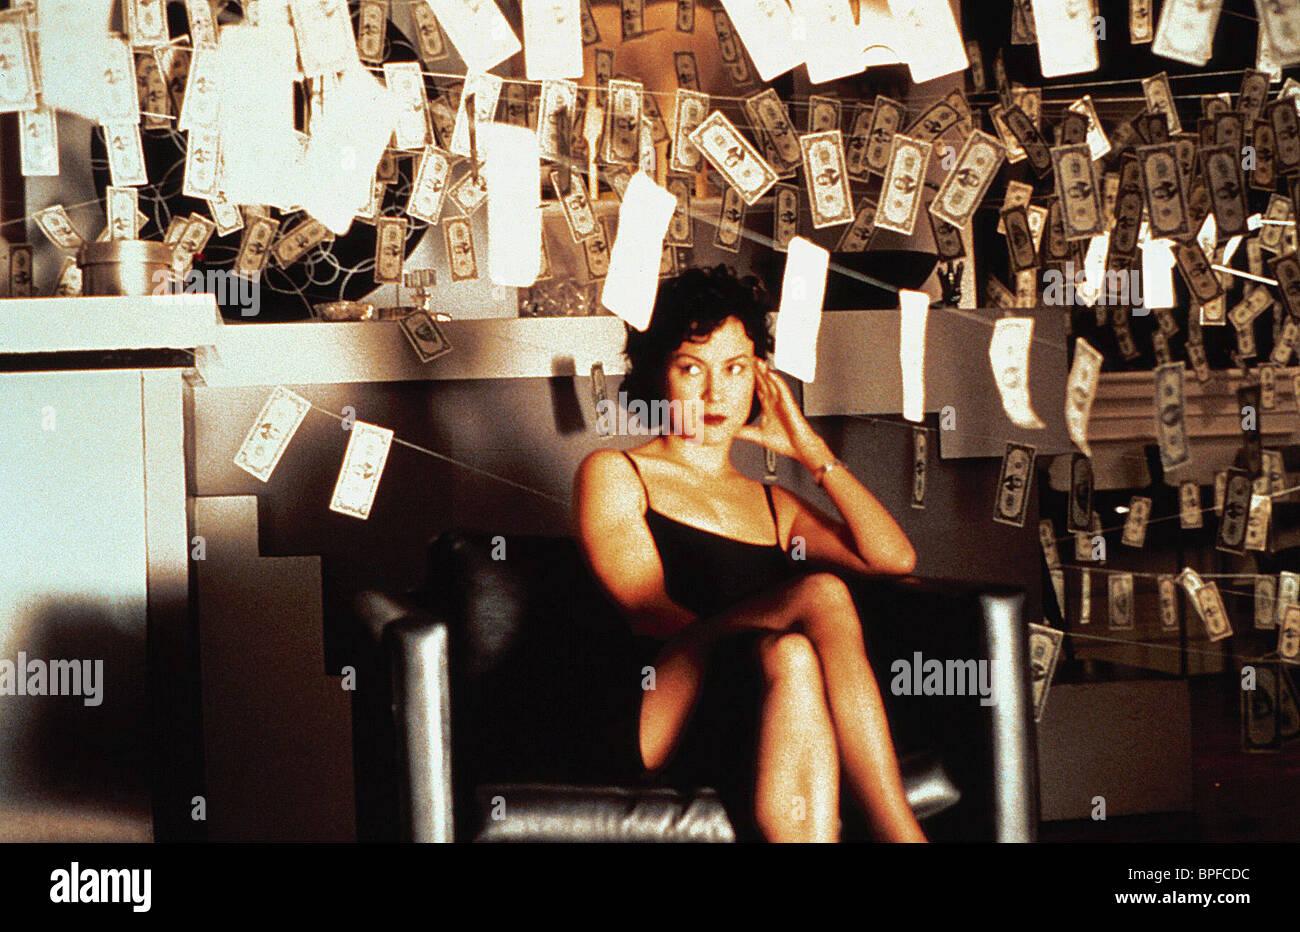 JENNIFER TILLY BOUND (1996) - Stock Image